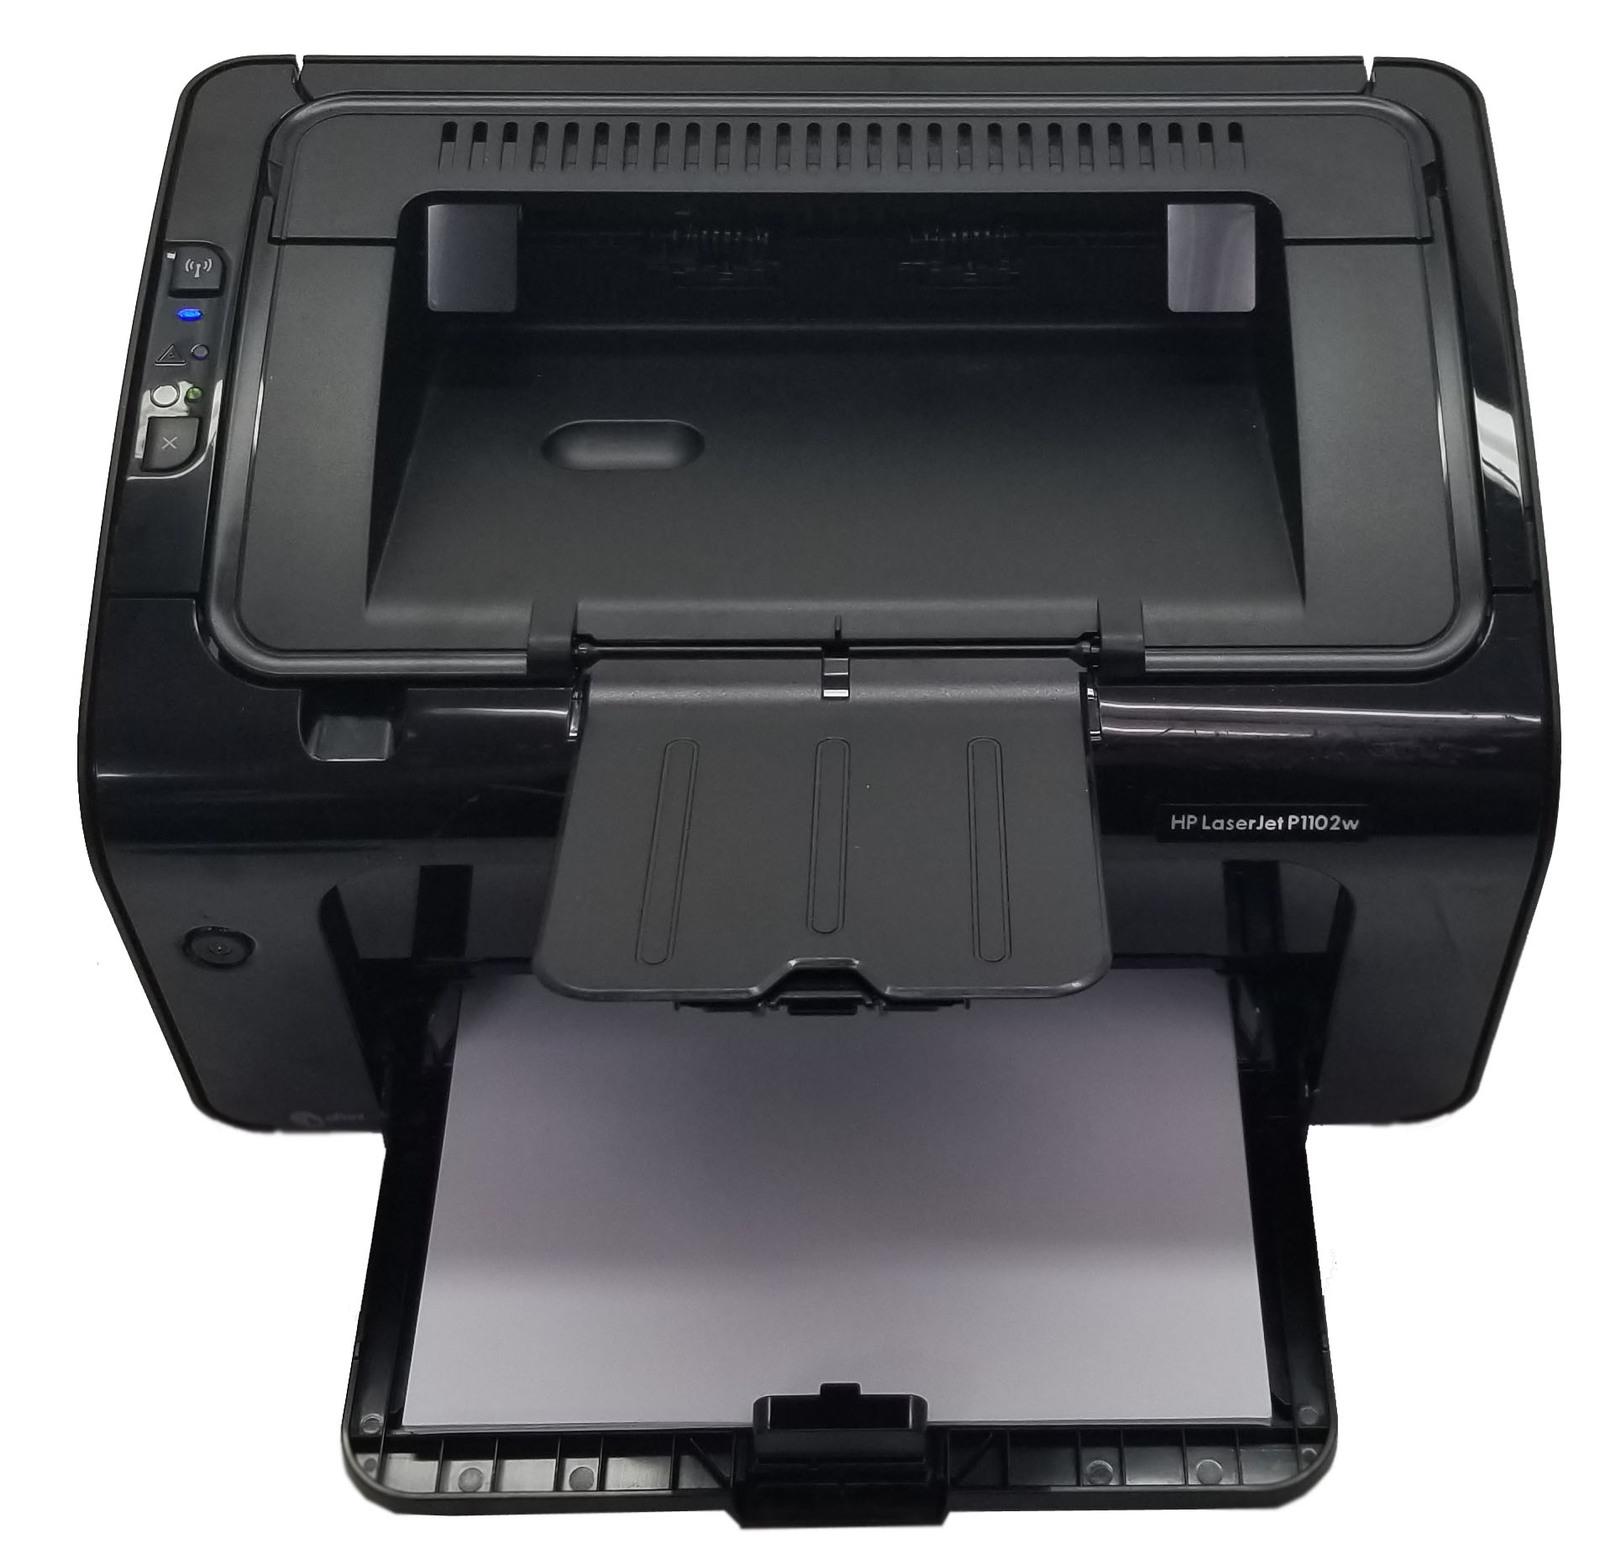 HP LaserJet Pro P1102w Wireless Laser Printer (CE658A) Bin:SF